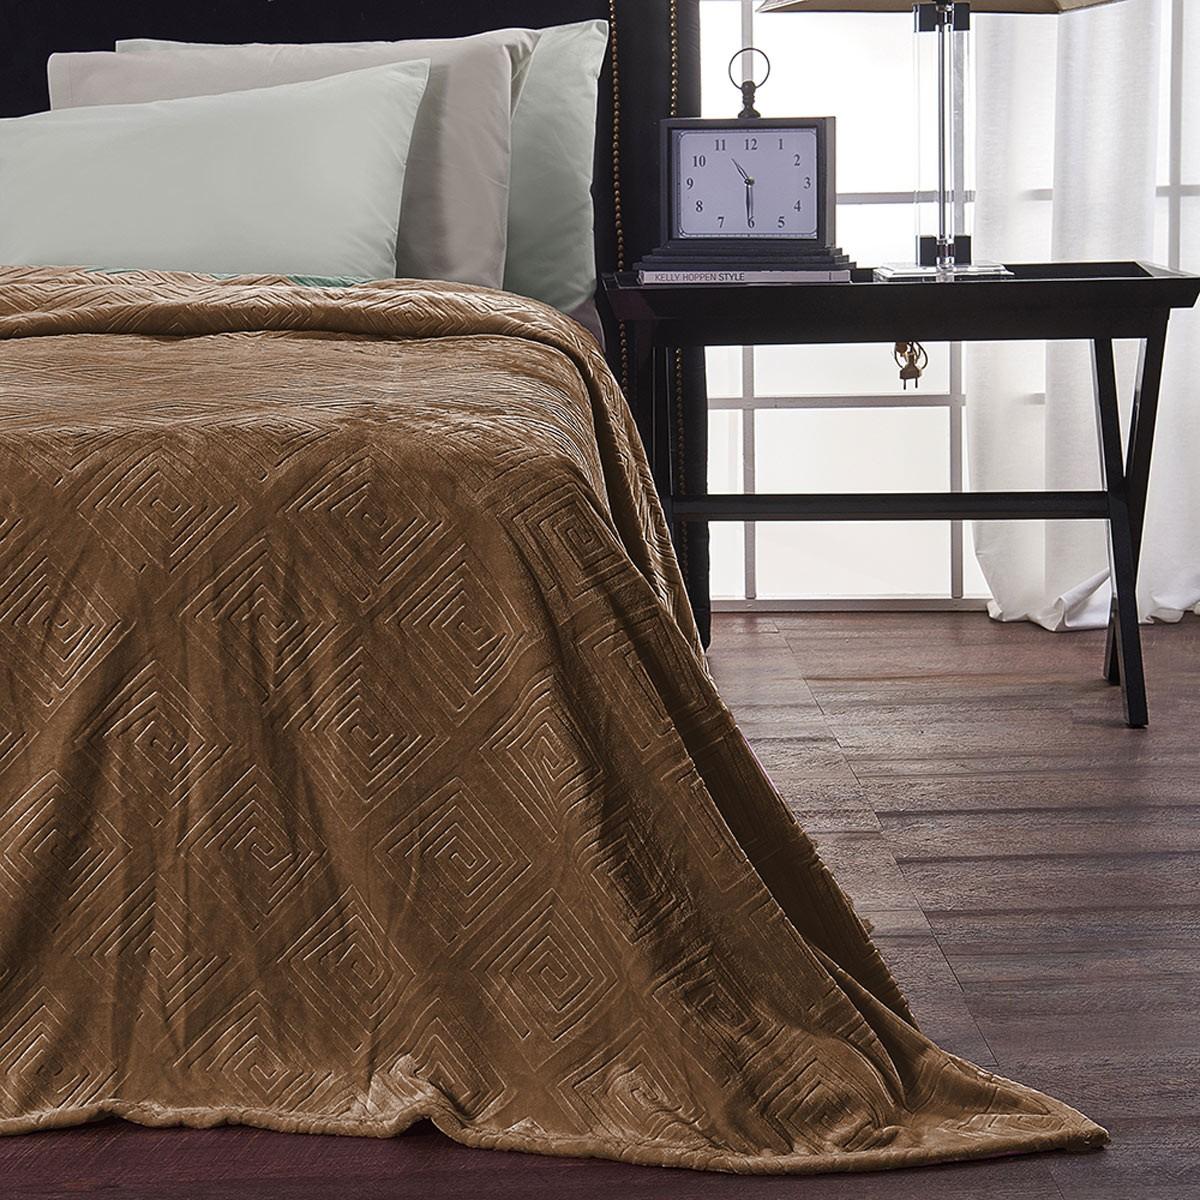 Κουβέρτα Fleece Μονή V19.69 Meandro Chocolate